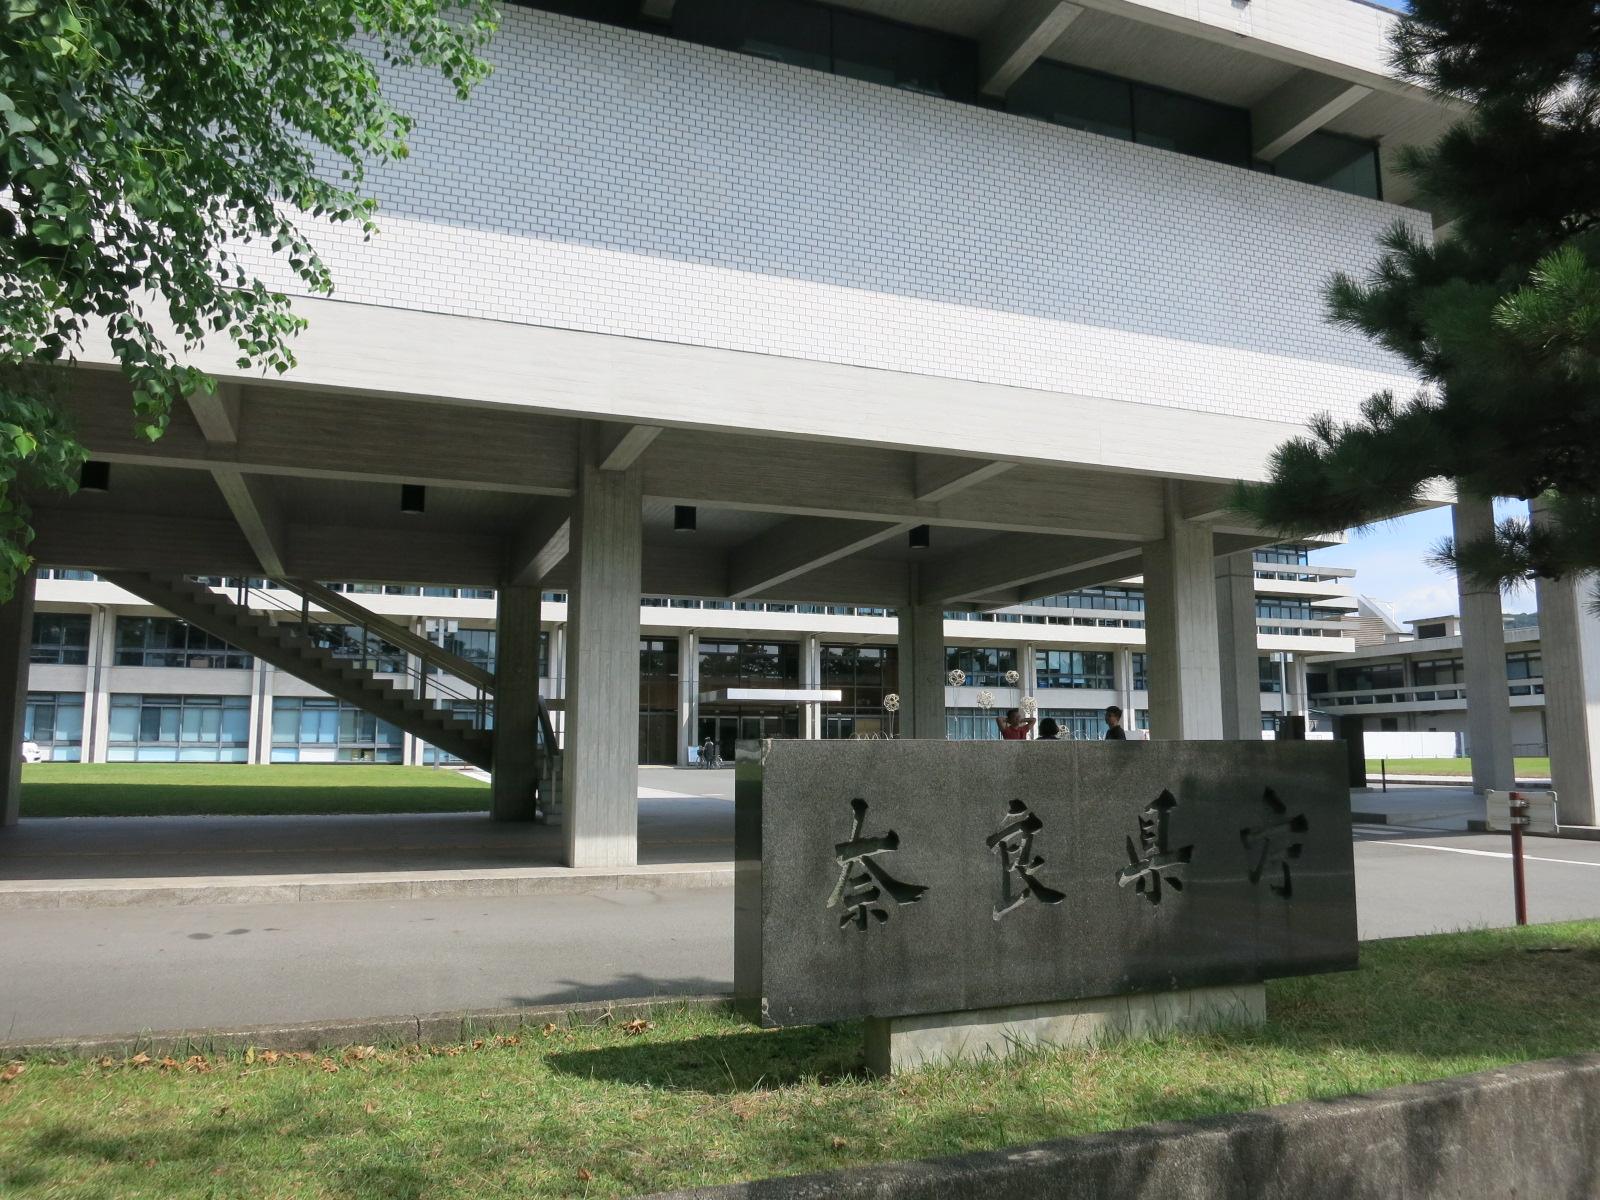 国道369号線をそのまま右に曲がると、奈良県庁があります。